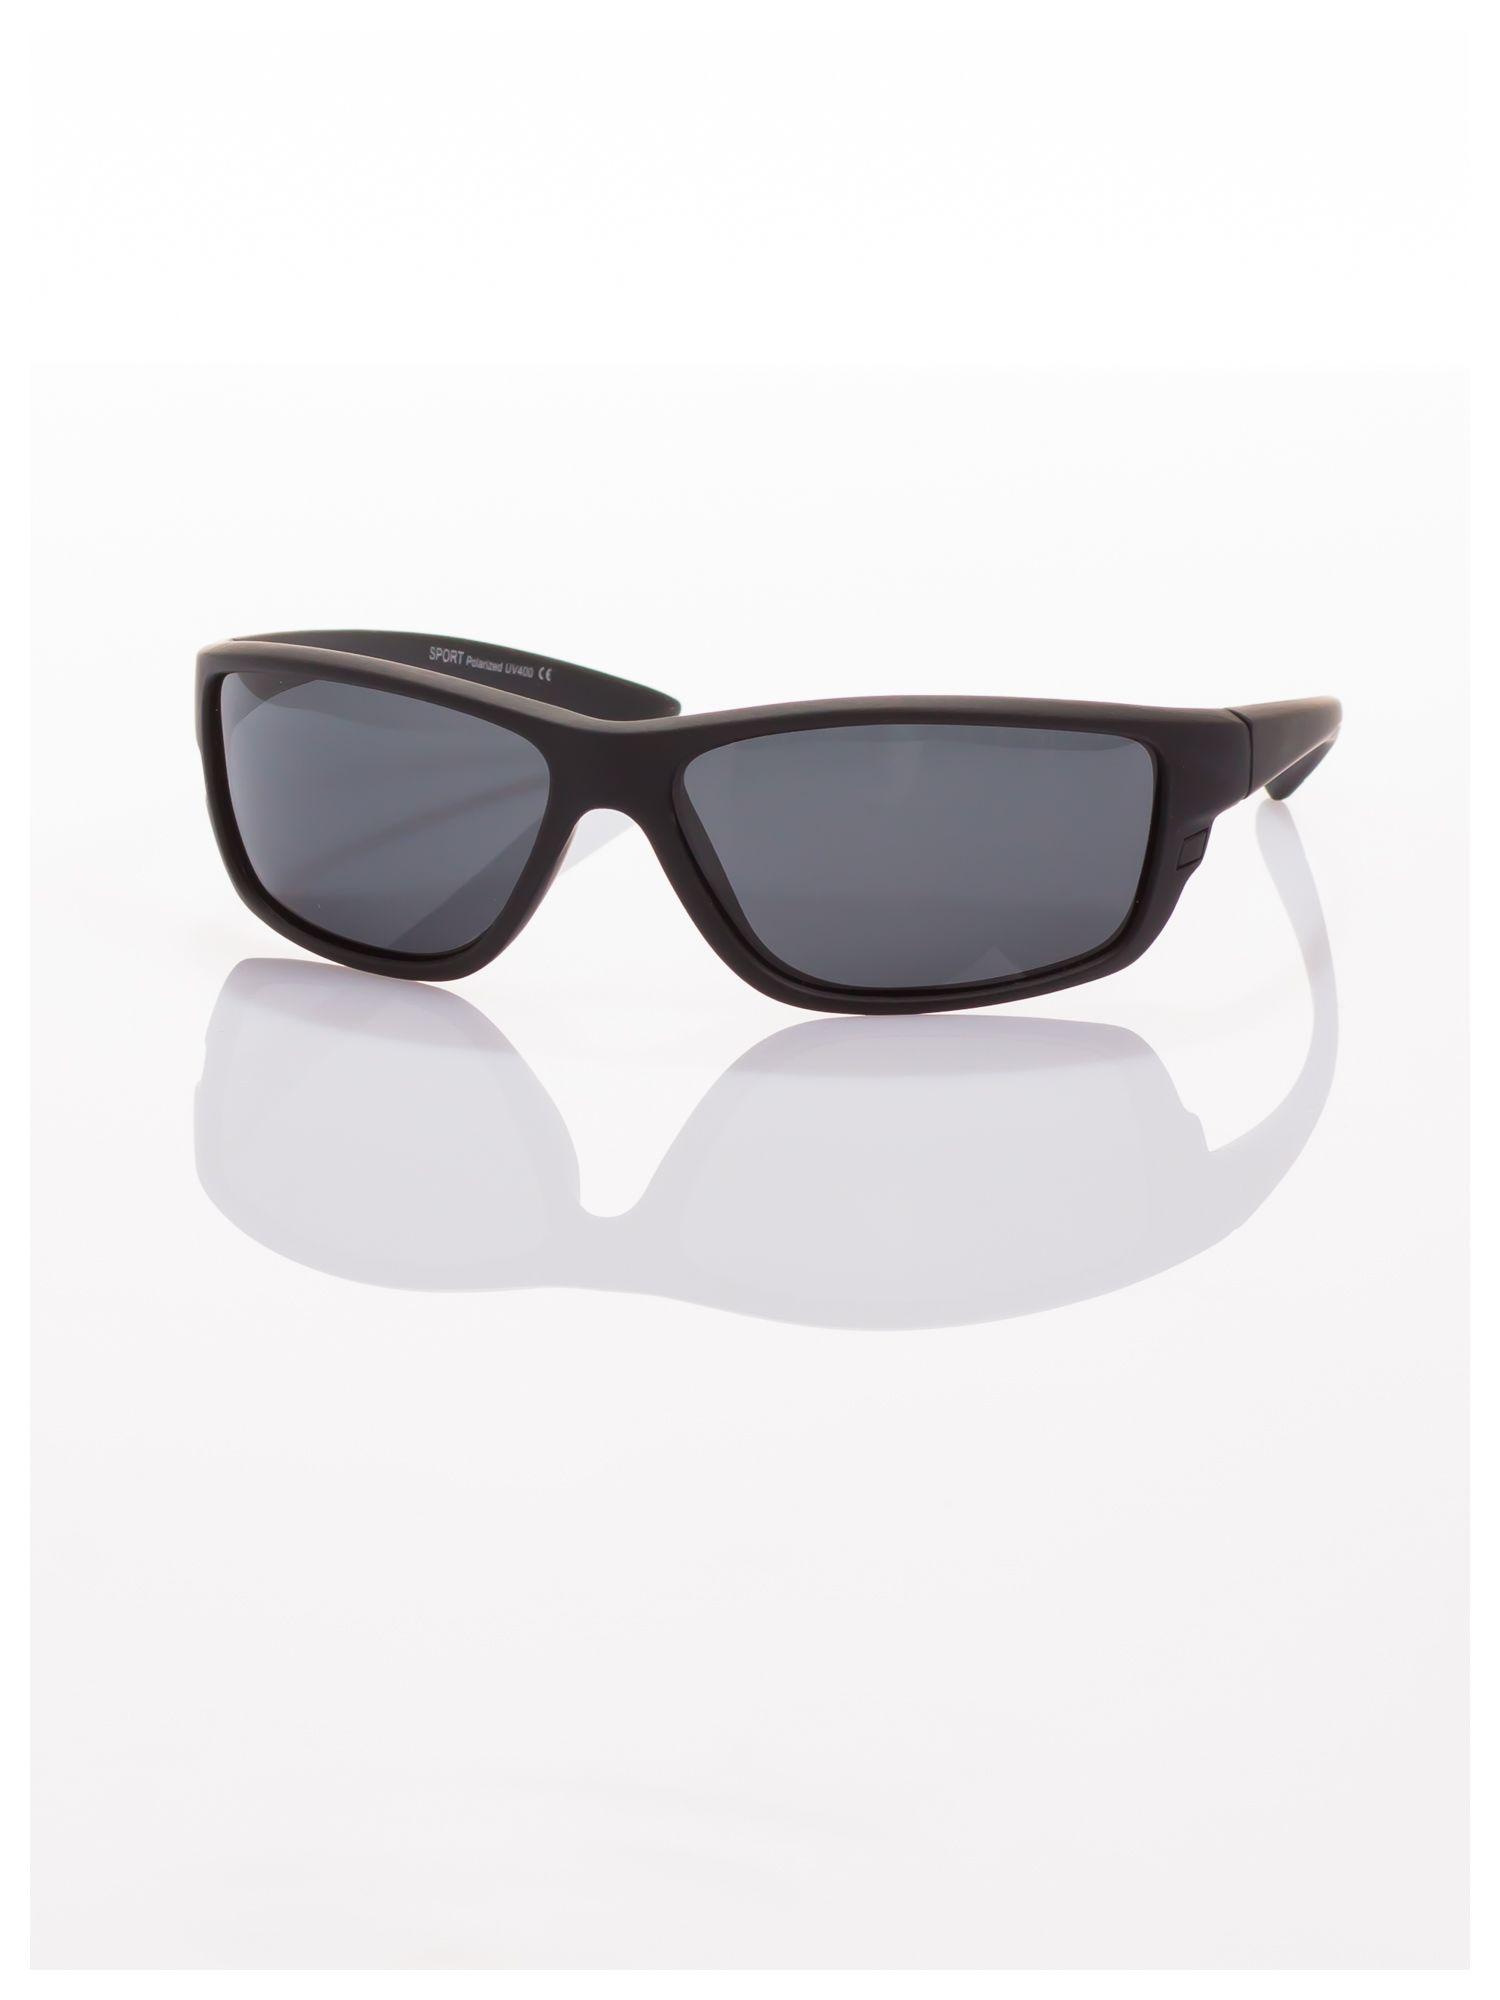 Sportowe POLARYZACYJNE  męskie okulary przeciwsłoneczne - antypoślizgowa oprawka  +GRATISY                                  zdj.                                  3